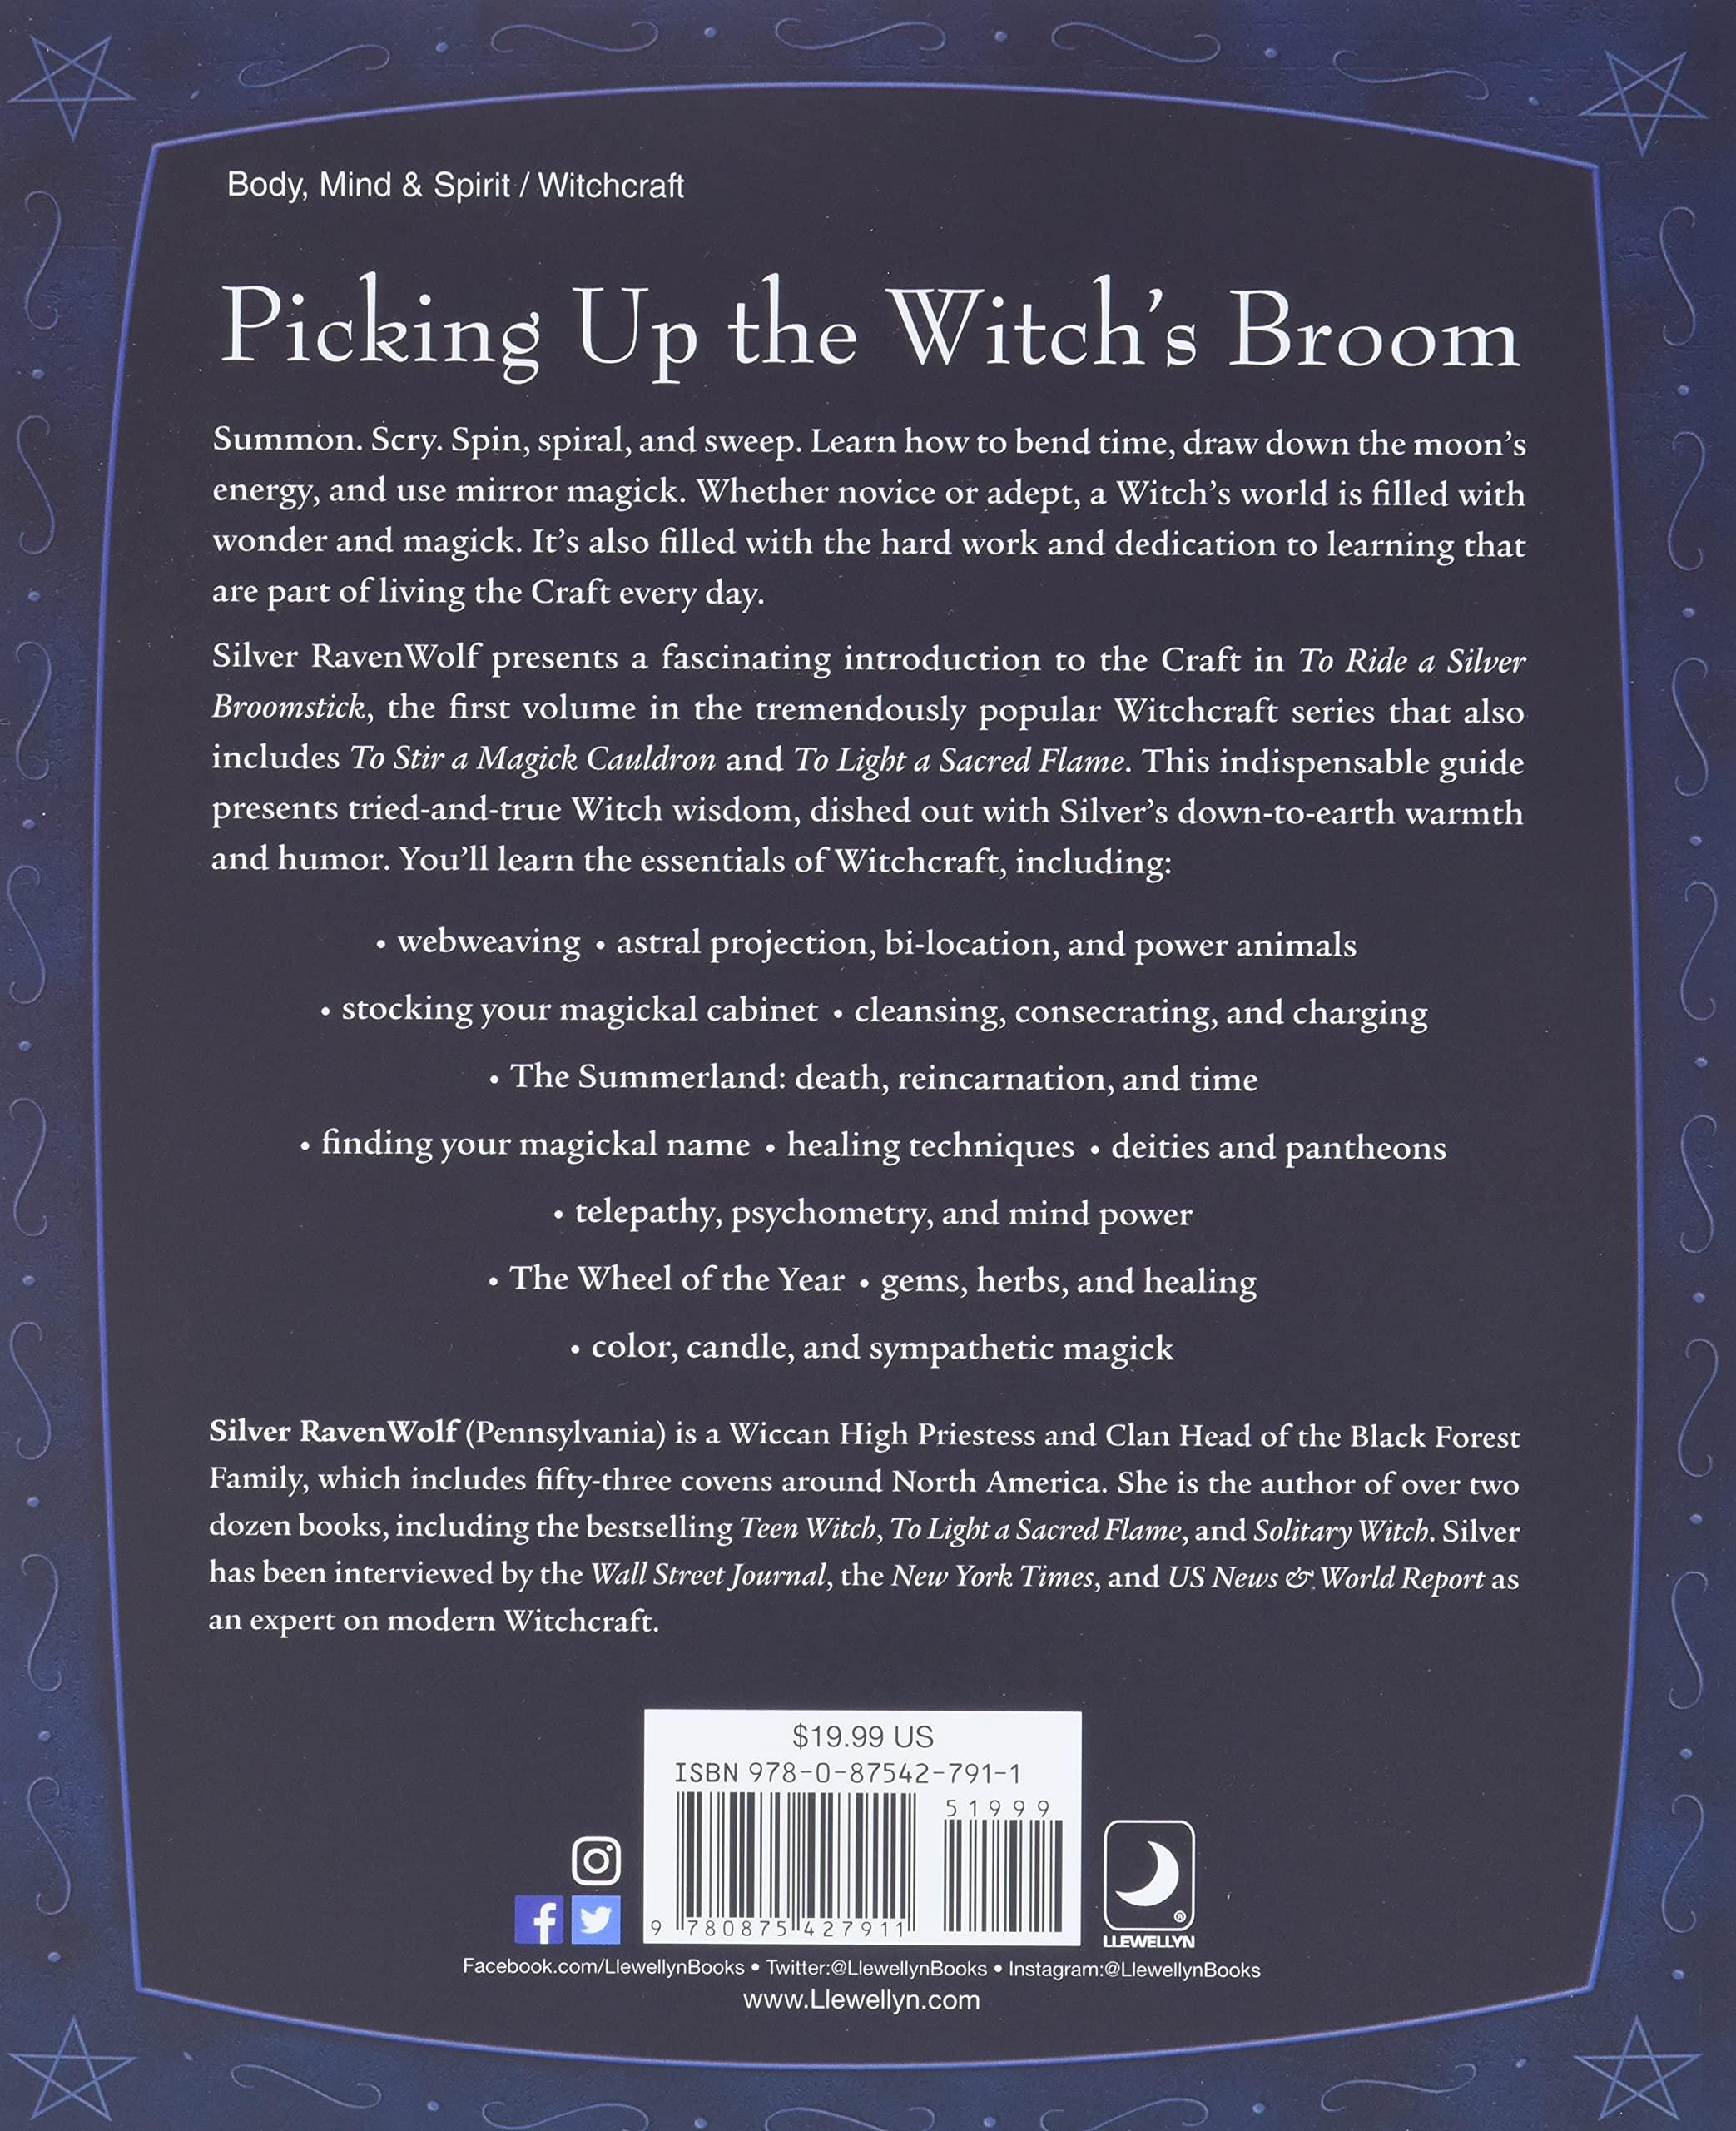 Amazon.com To Ride A Silver Broomstick   Witchcraft de nueva ...